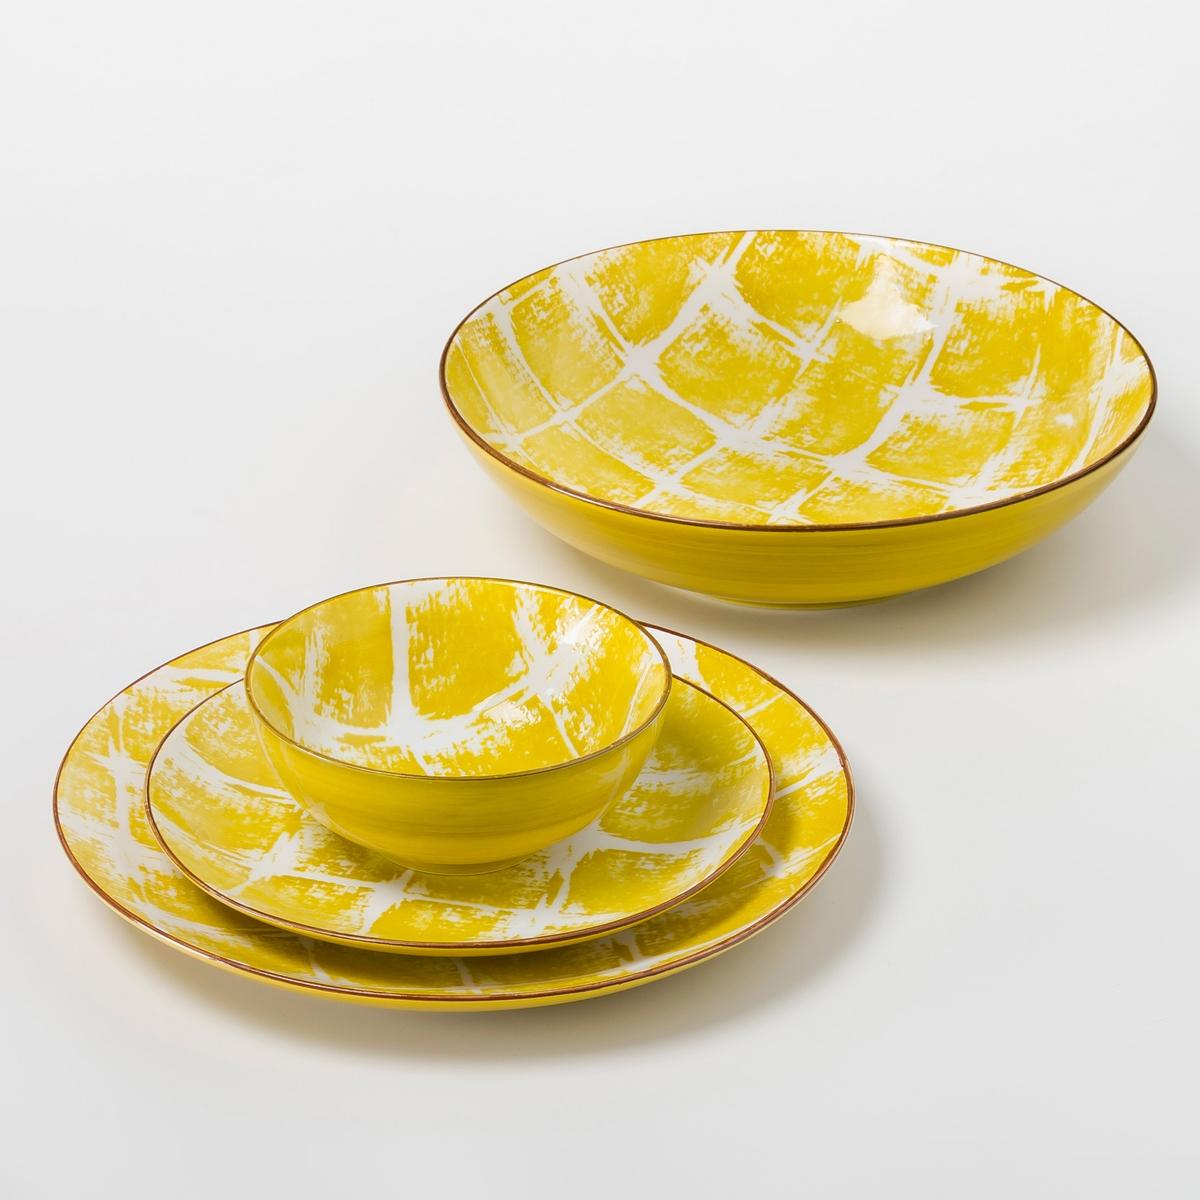 Салатница из керамики, MaladoСалатница Malado. Рисунок икат. глазурованная керамика. Размеры  : ?26 x В.7 см. Подходит для посудомоечной машины и микроволновой печи. Чашка, плоская и десертная тарелки продаются на нашем сайте .<br><br>Цвет: горчичный